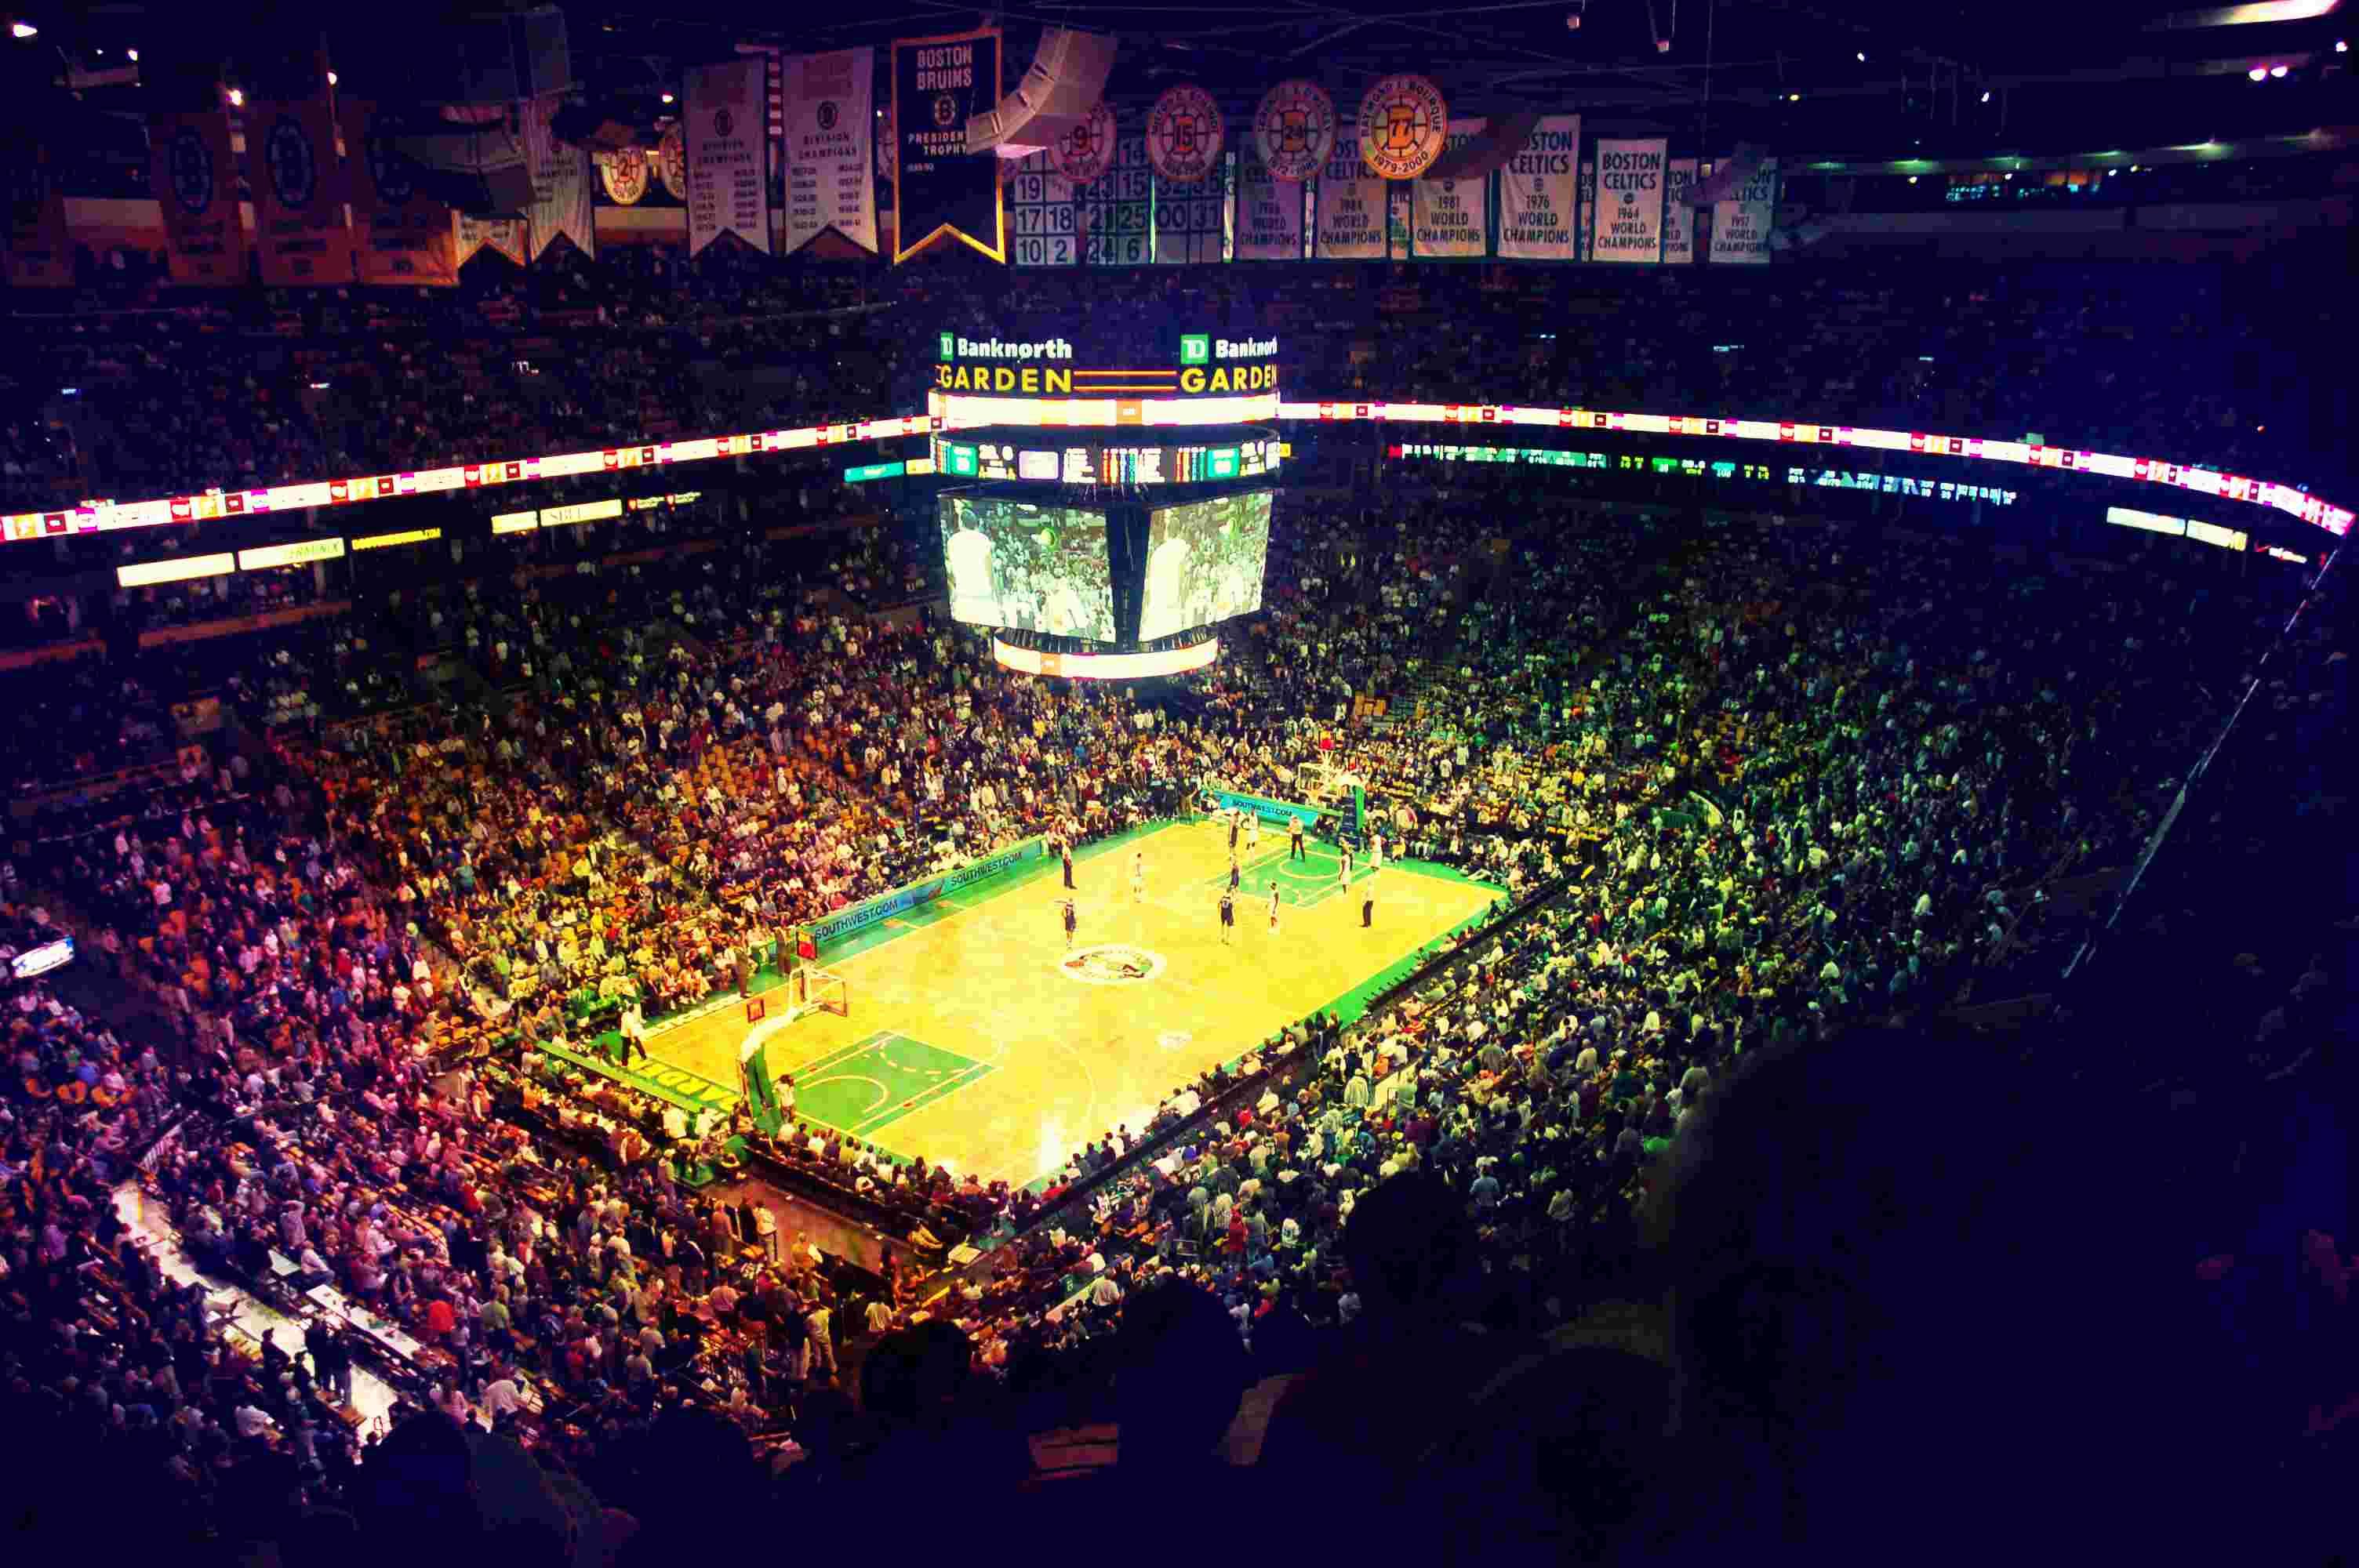 El TD Garden espera por una nueva temporada de los Boston Celtics calendario